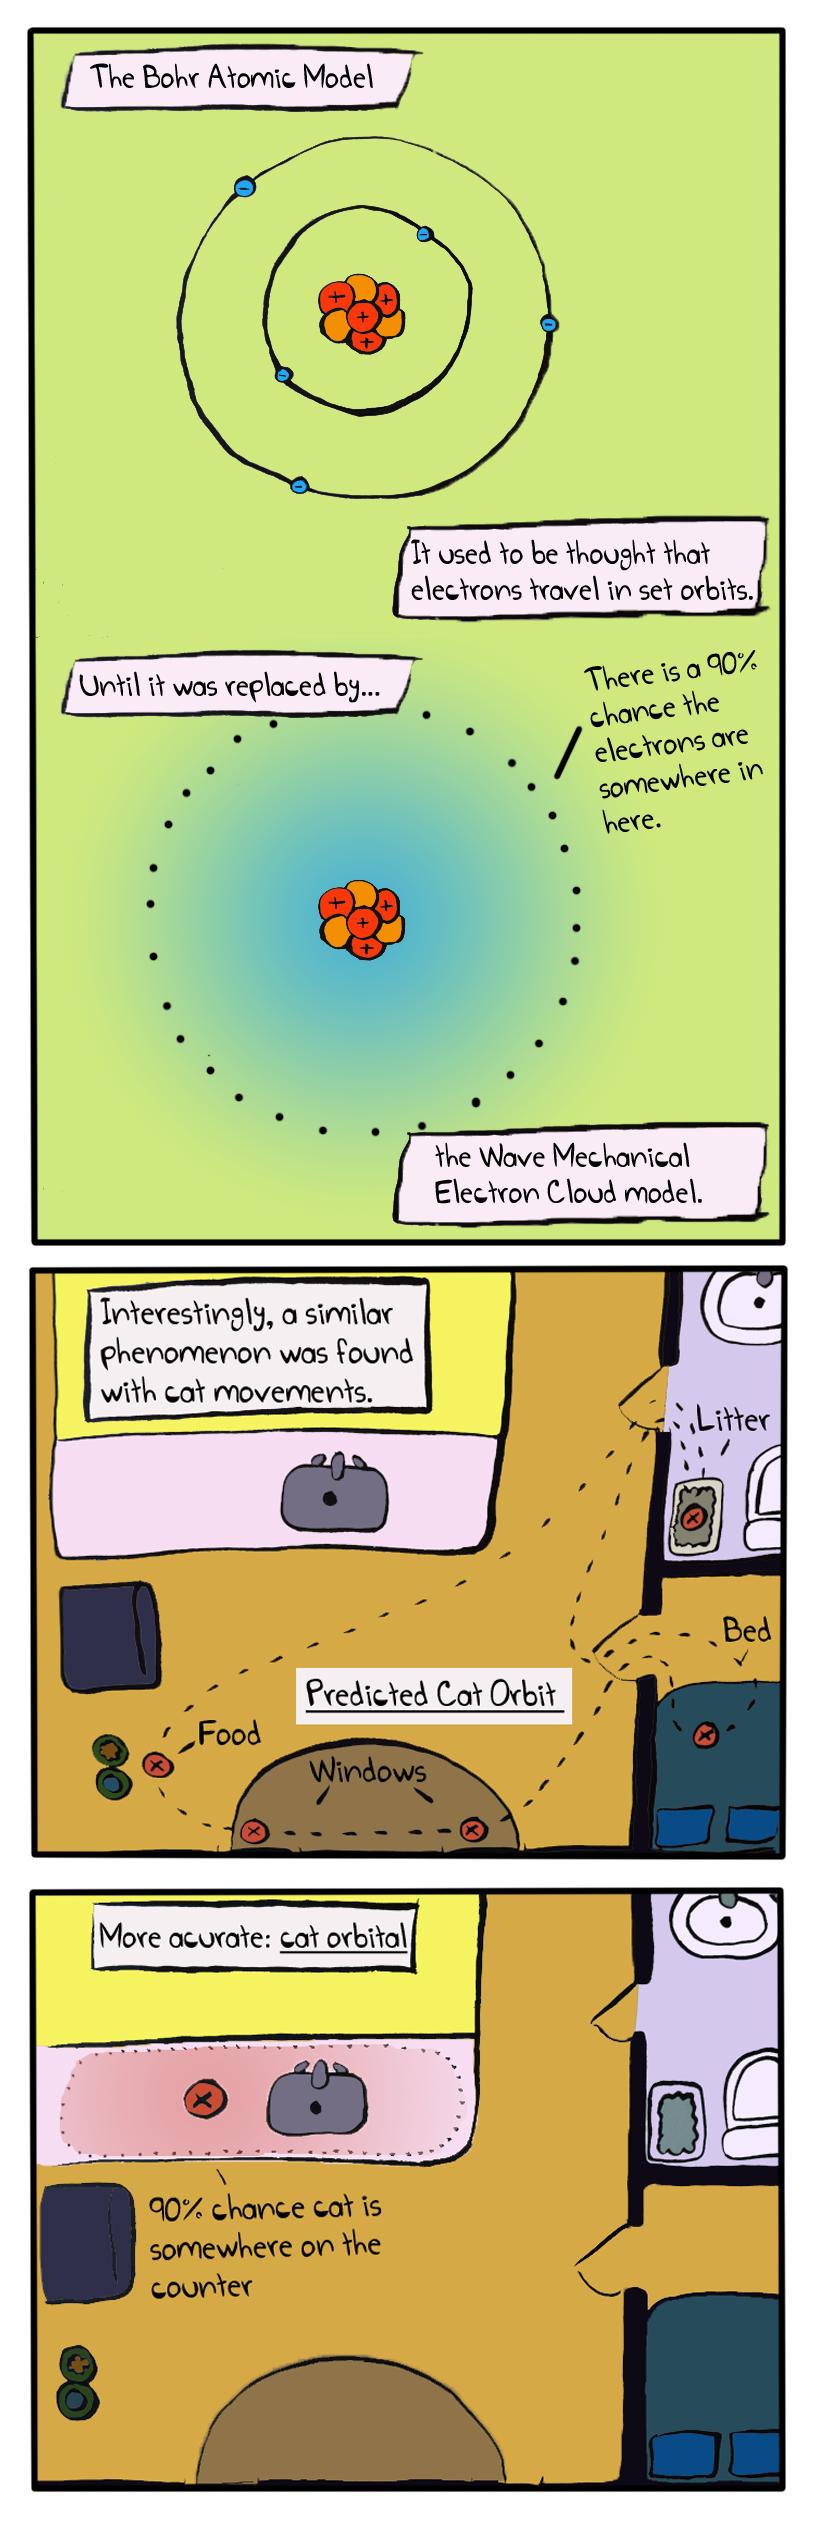 Orbital Cat